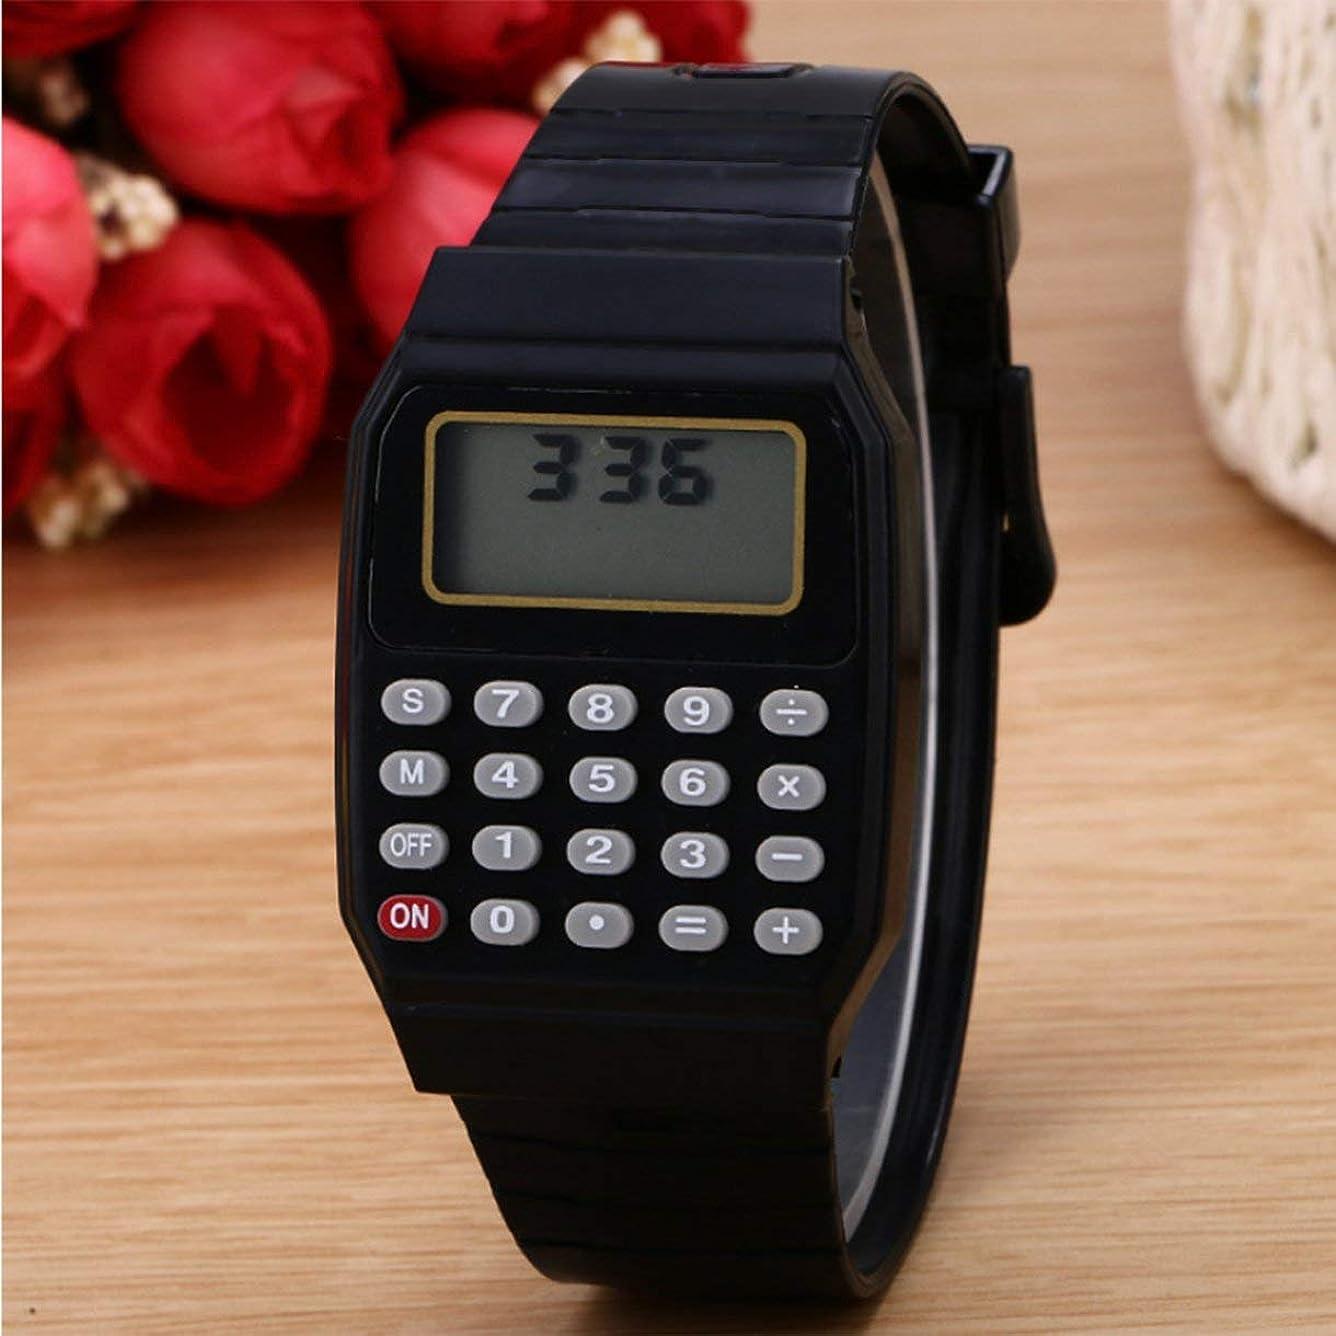 ロードされた和耐えられない高品質実用子供学生電卓デジタル腕時計無地シリコーン快適な摩耗電卓腕時計子供のため